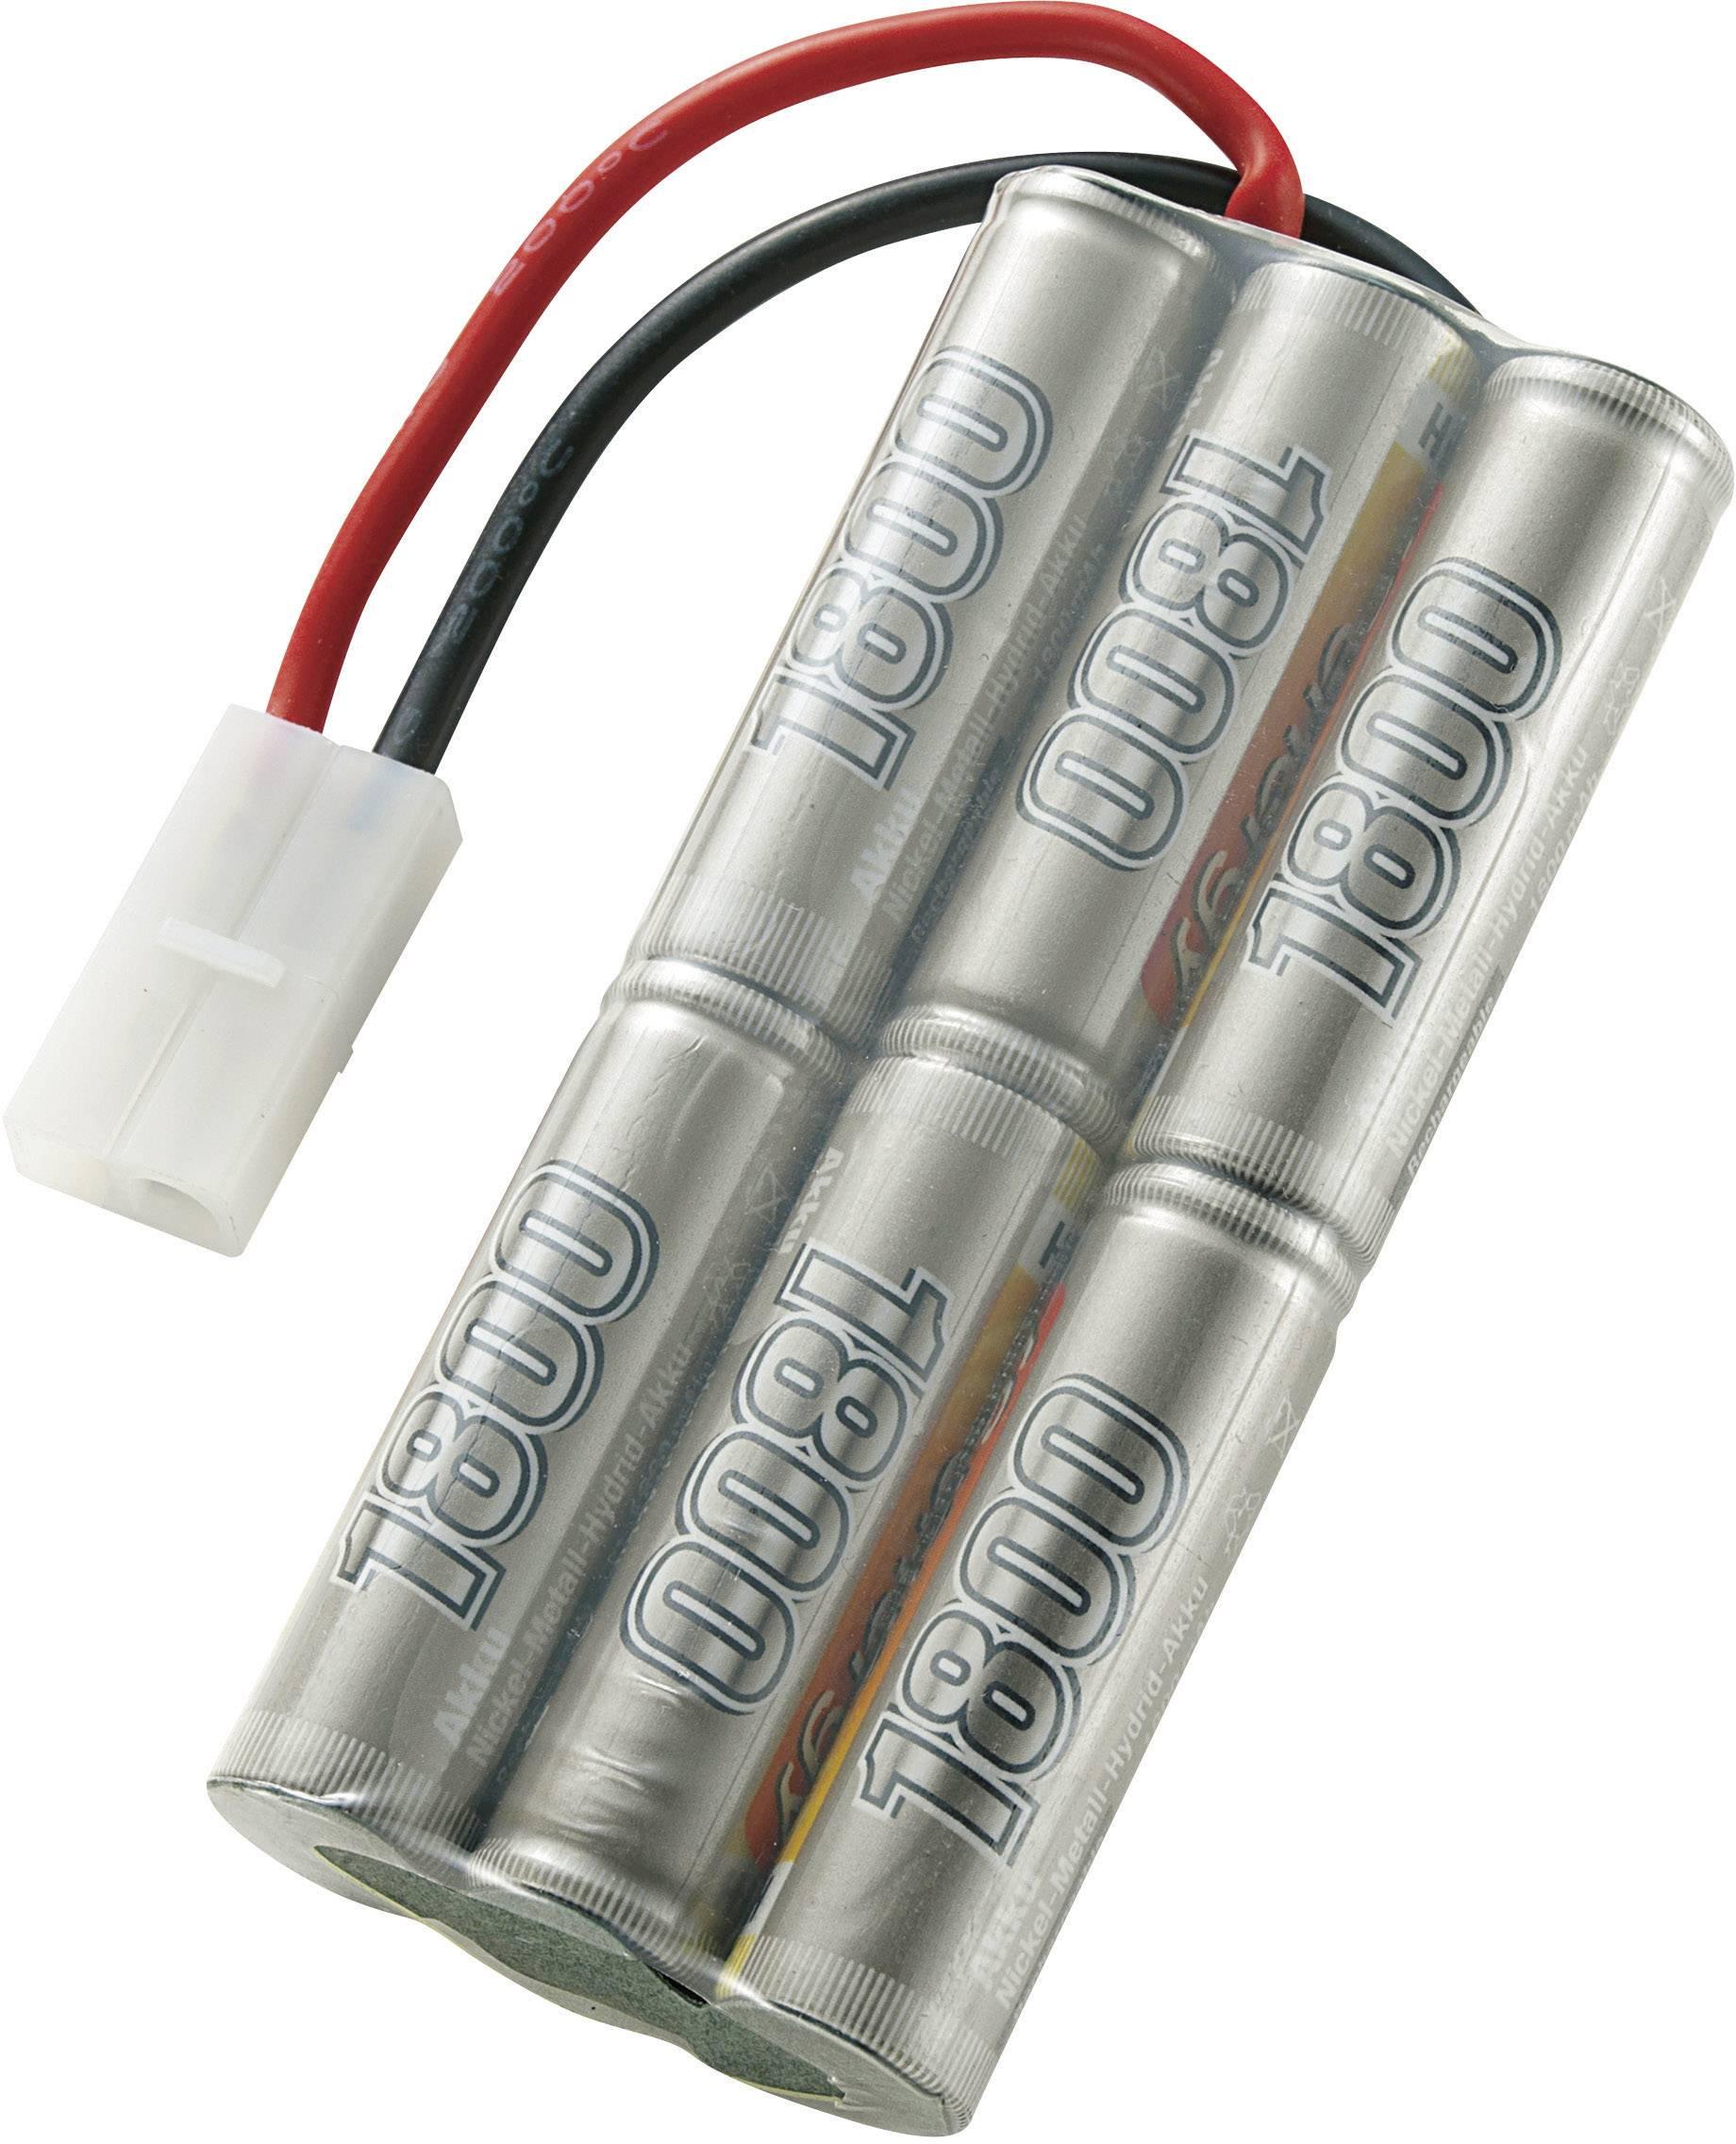 Akupack NiMH Conrad energy 206409, 7.2 V, 1800 mAh